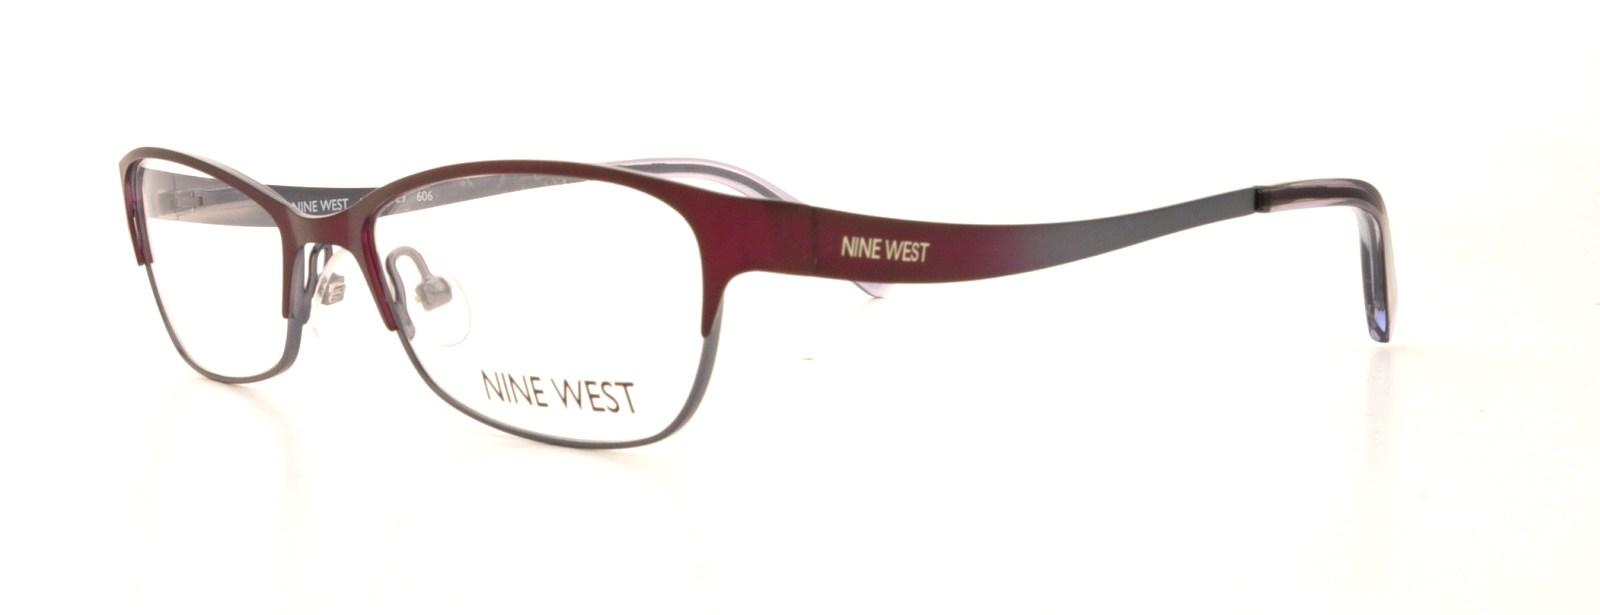 Designer Frames Outlet. Nine West NW1029